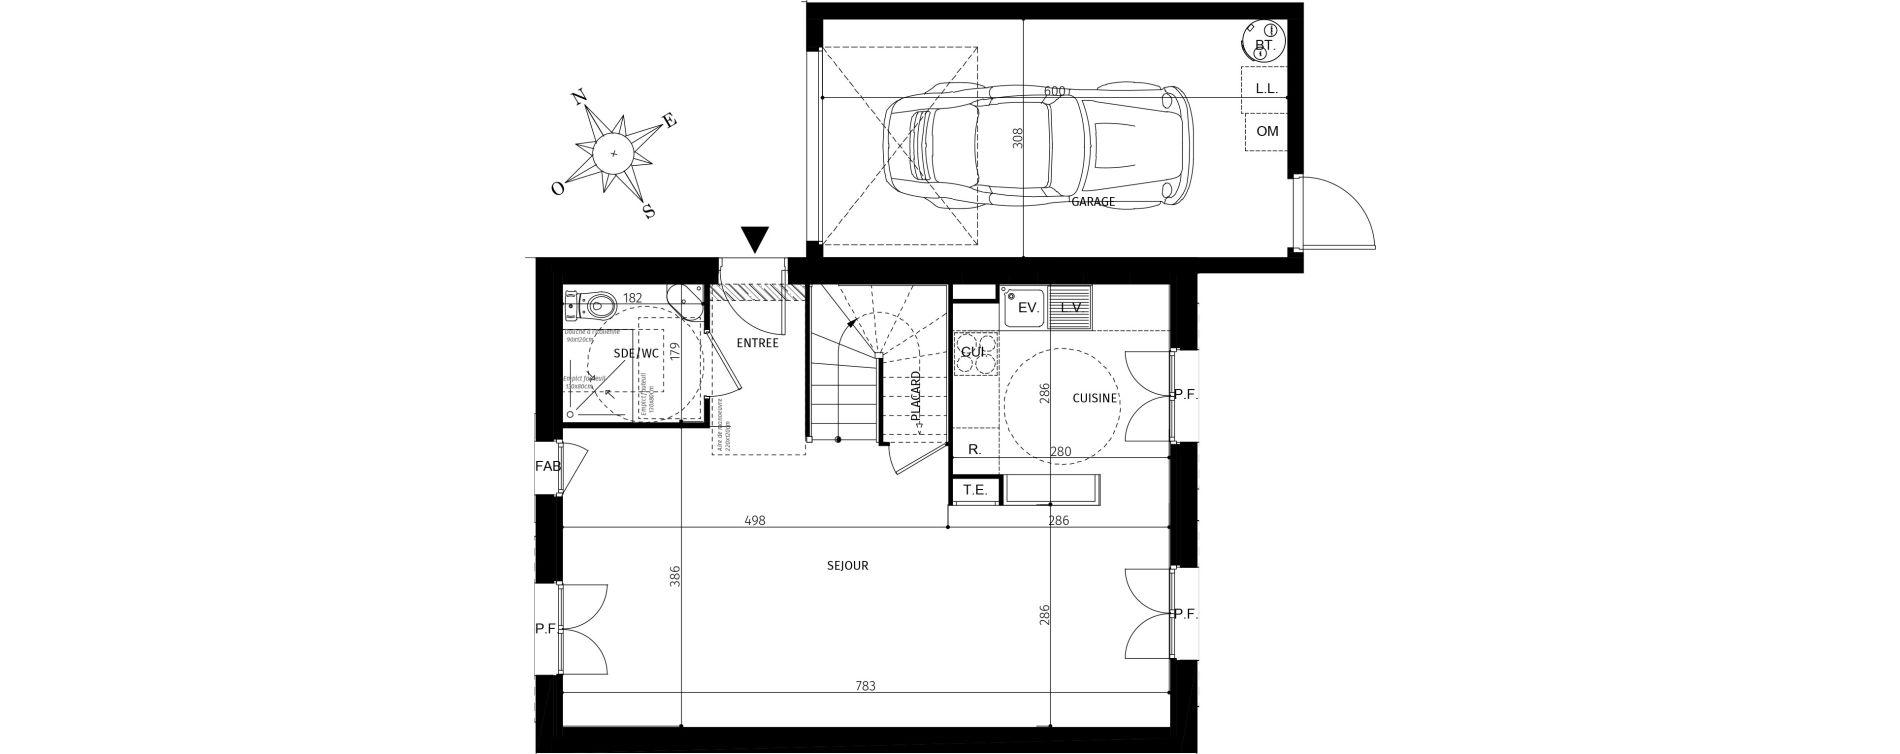 Maison T4 de 82.15 m2 1er étage SE Côté Mer Saint-Georges